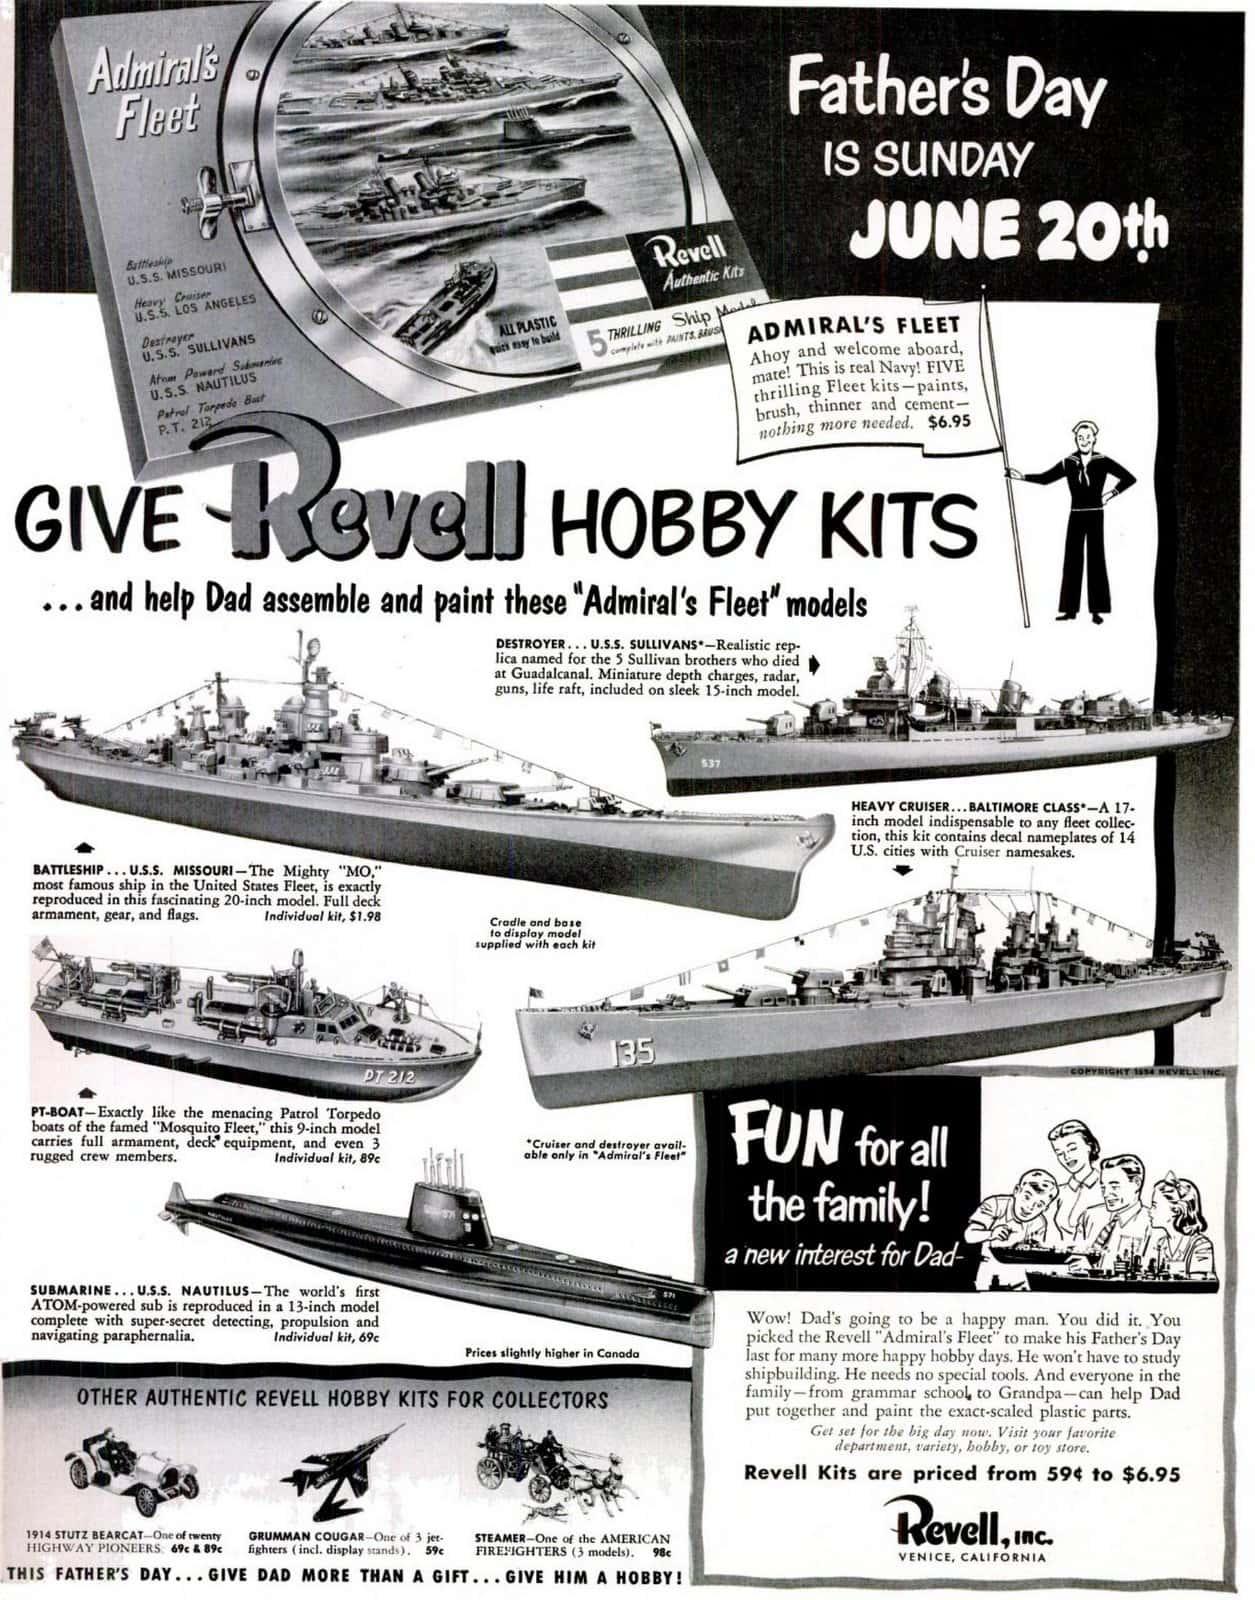 LIFE Jun 14, 1954 Revell hobby kids - Model building